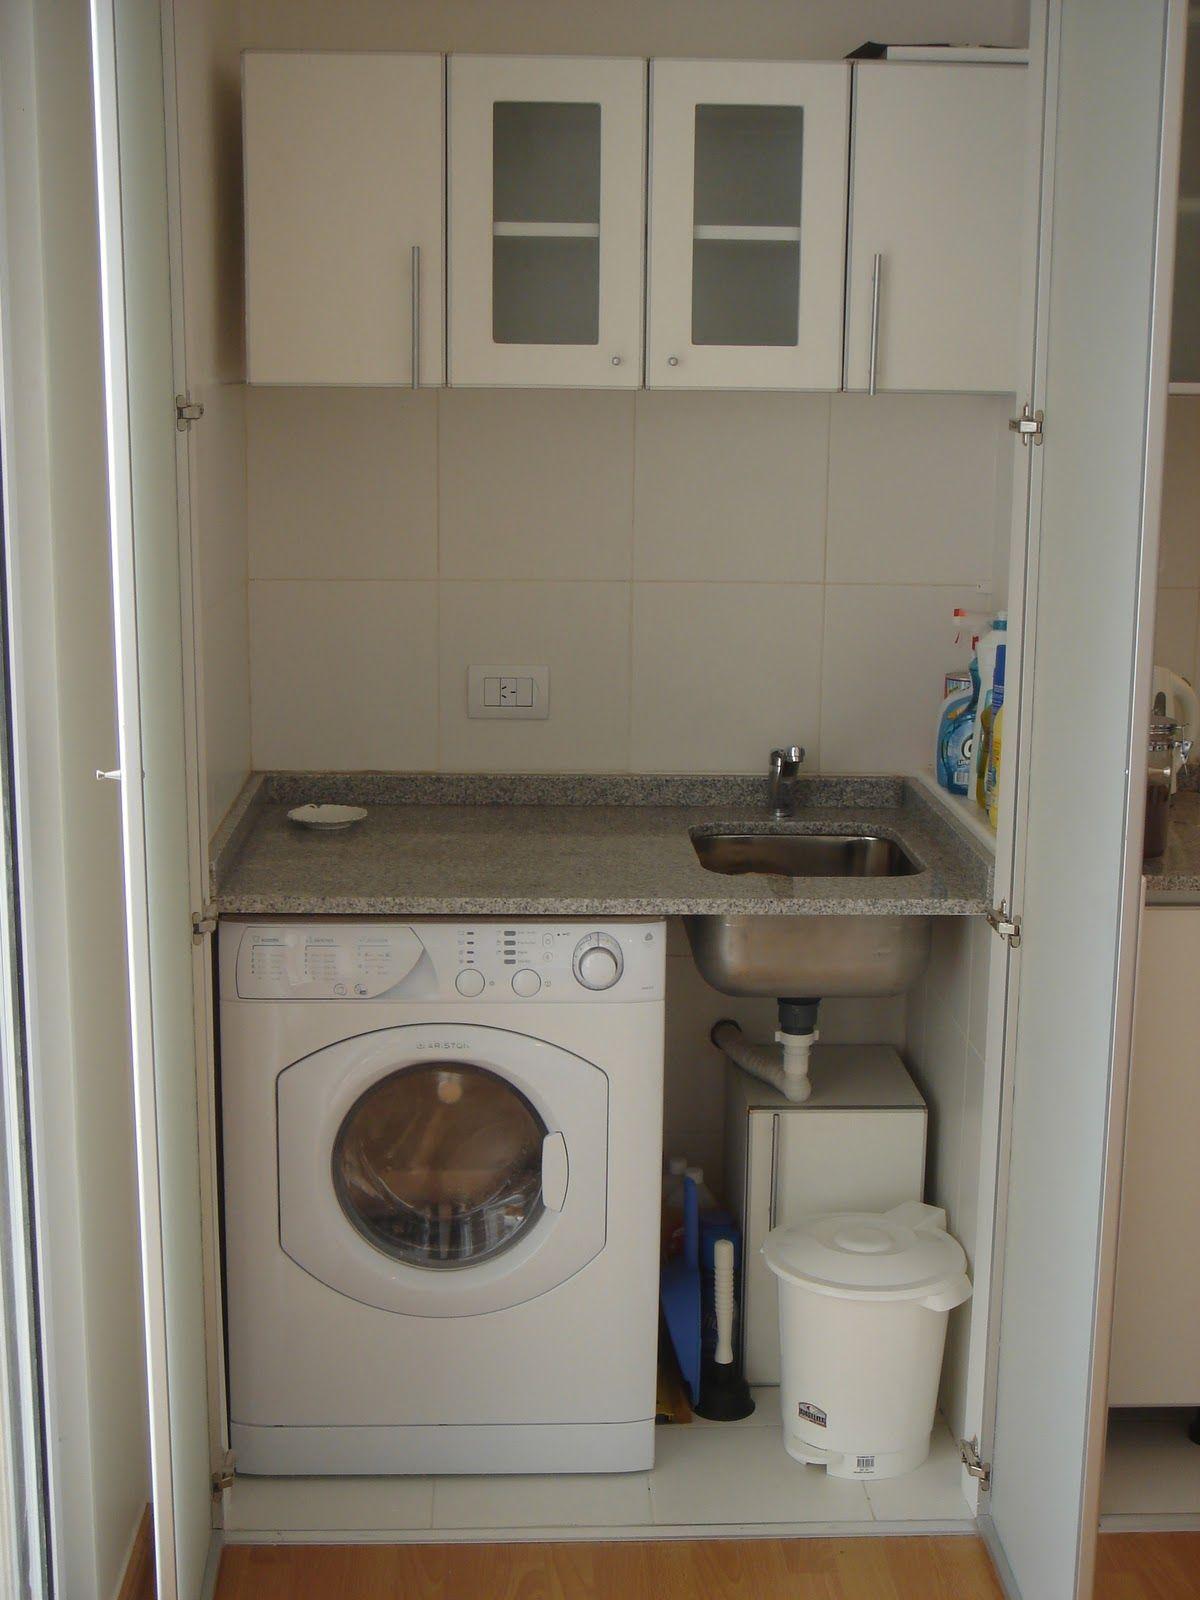 lavadero integrado a la cocina buscar con google cocina y lavadero